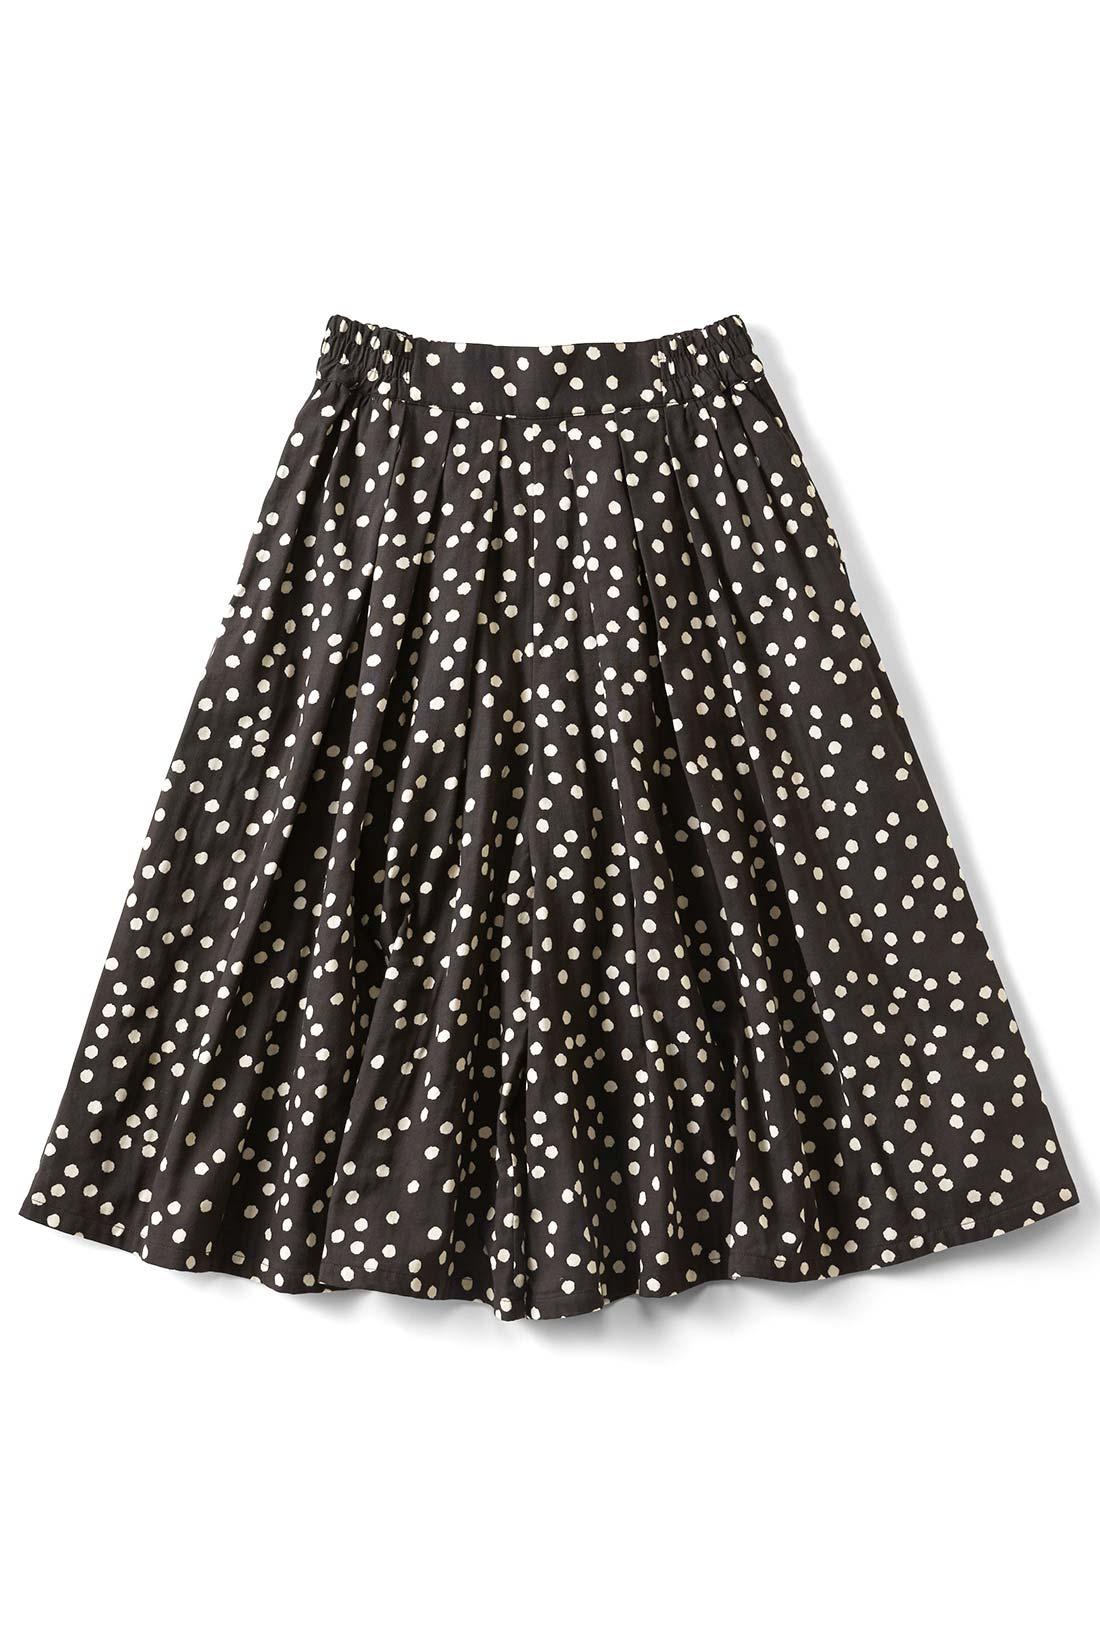 [ランダムドット]両サイドには便利なポケットが。スカートみたいなシルエットでしょ。